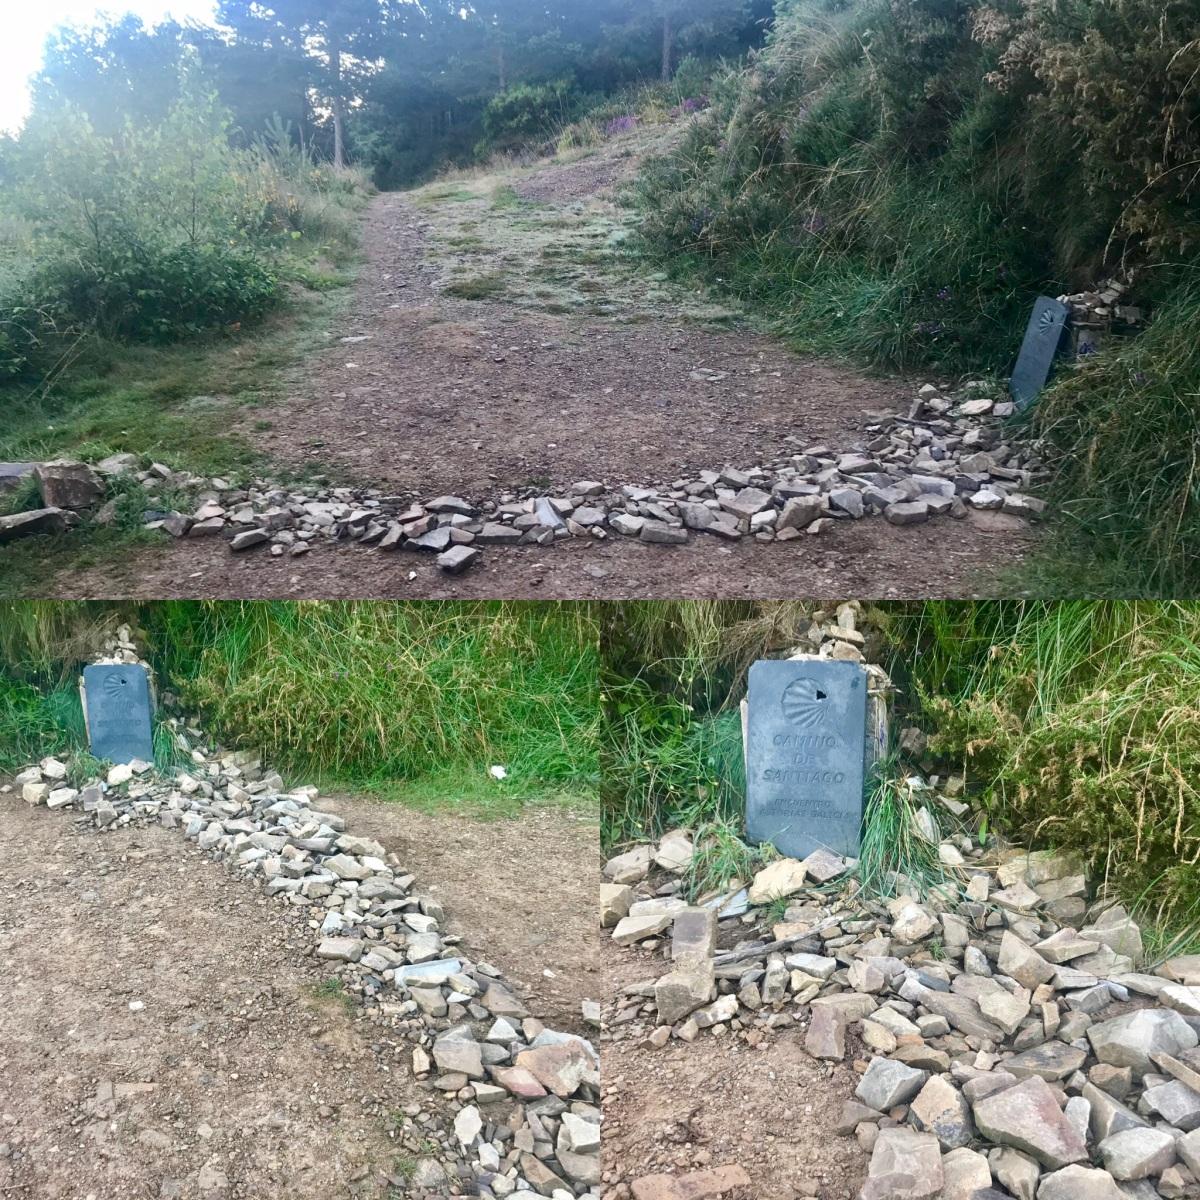 Crossing from Asturias into Galicia on the Camino Primitivo